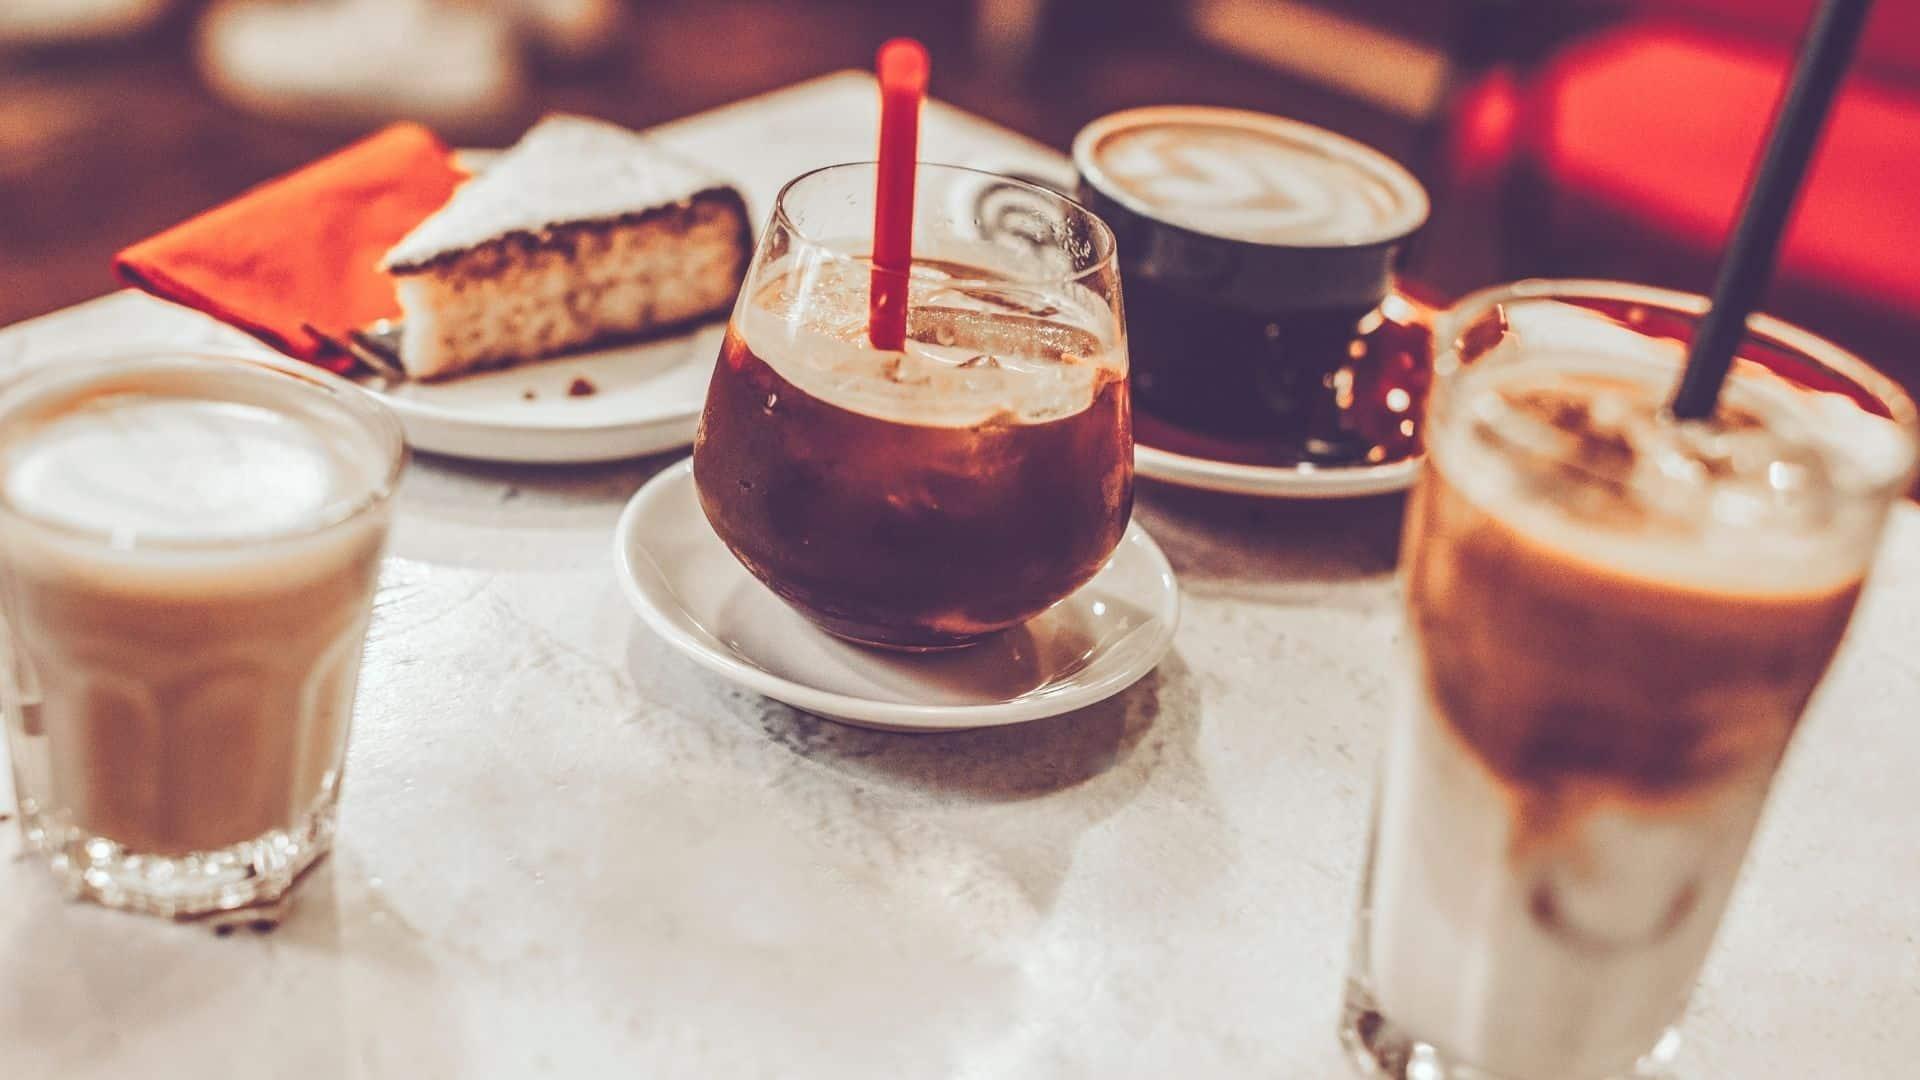 A különleges kávé következetesen létezhet azoknak az embereknek az elkötelezettségén keresztül, akik életük munkájával tették, hogy a különleges kávéfajták minőséget mindig a legfontosabbnak tartsák.